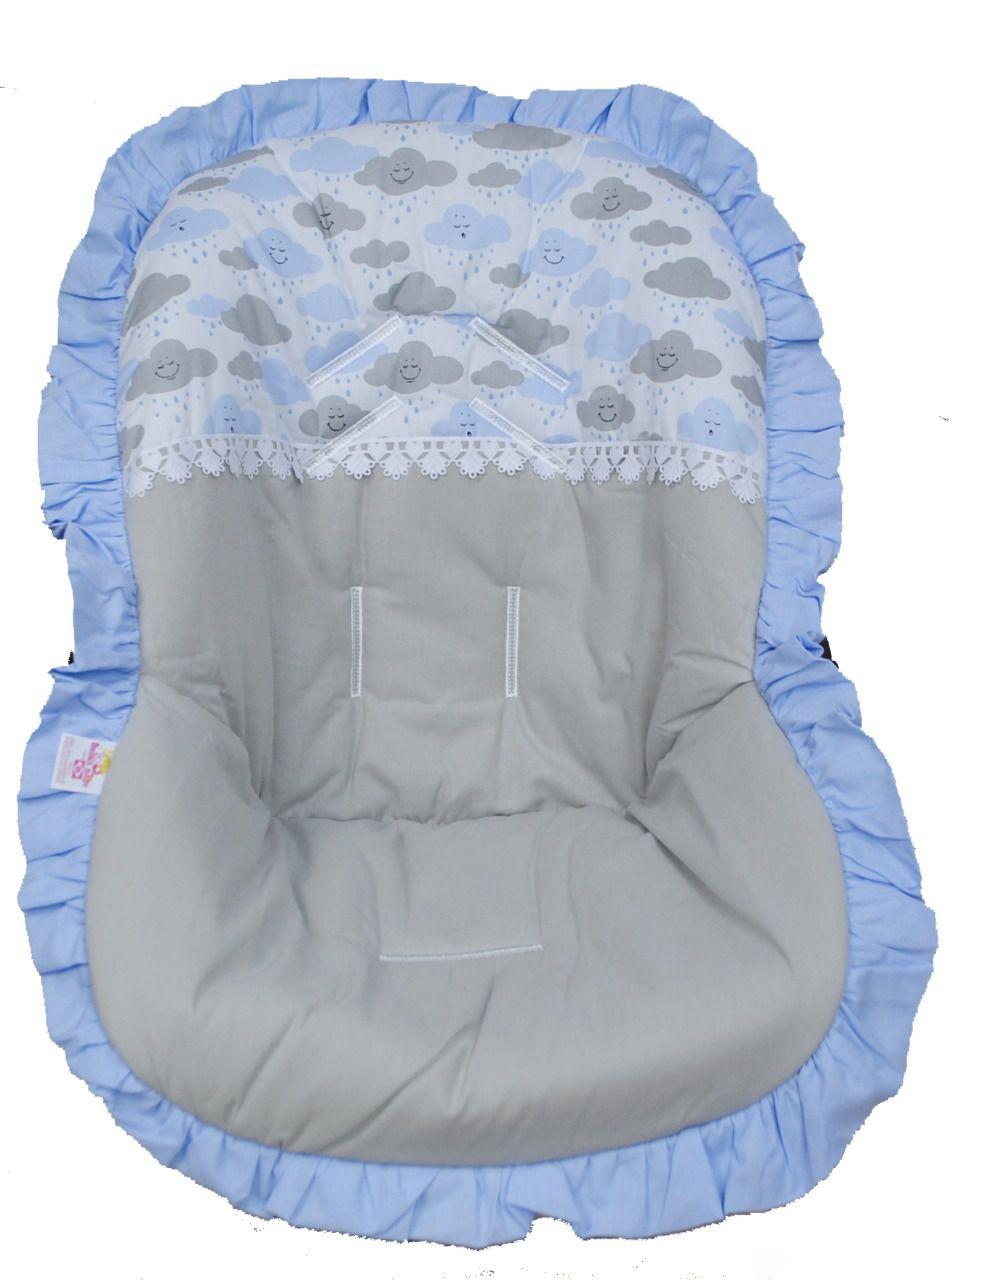 Capa Para Bebê Conforto Nuvens Azul e Cinza 100% Algodão